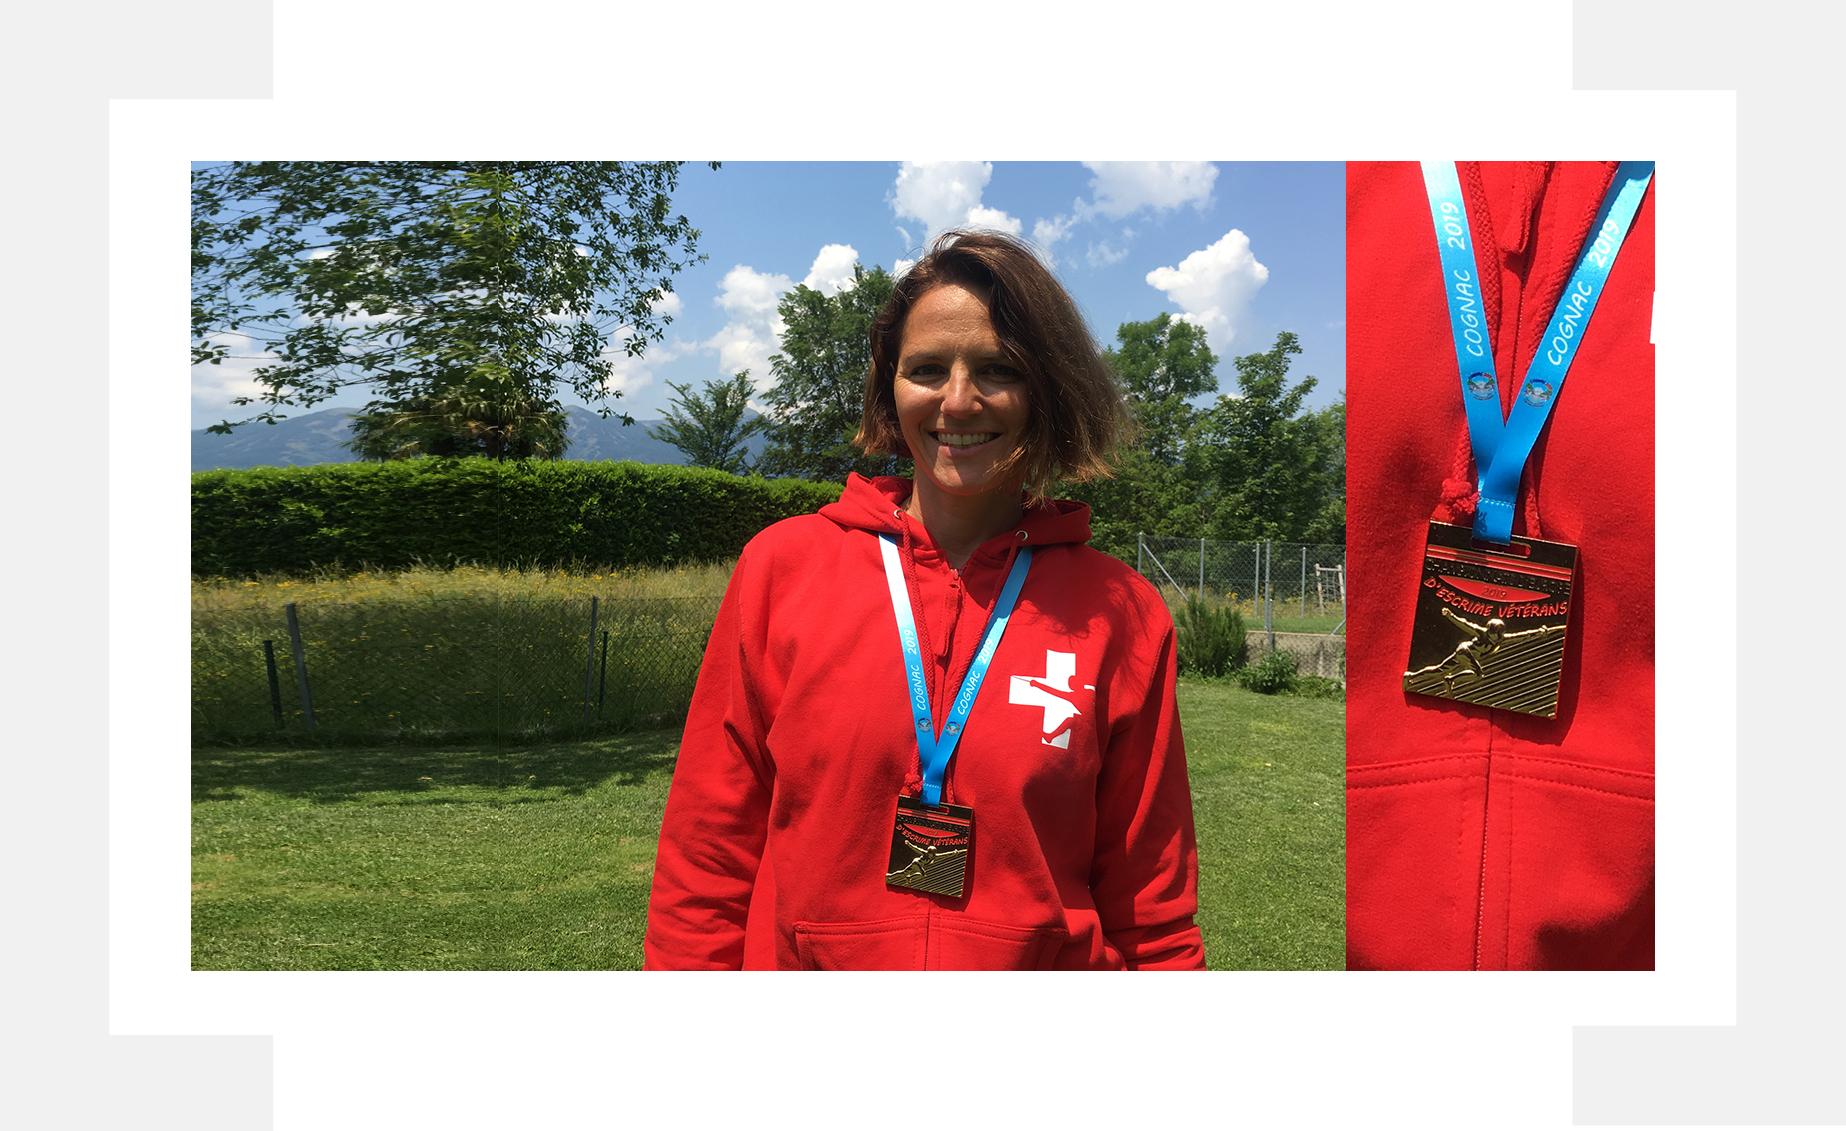 La scherma luganese si tinge di rosa: Titolo europeo e nazionale per le atlete di Lugano Scherma!